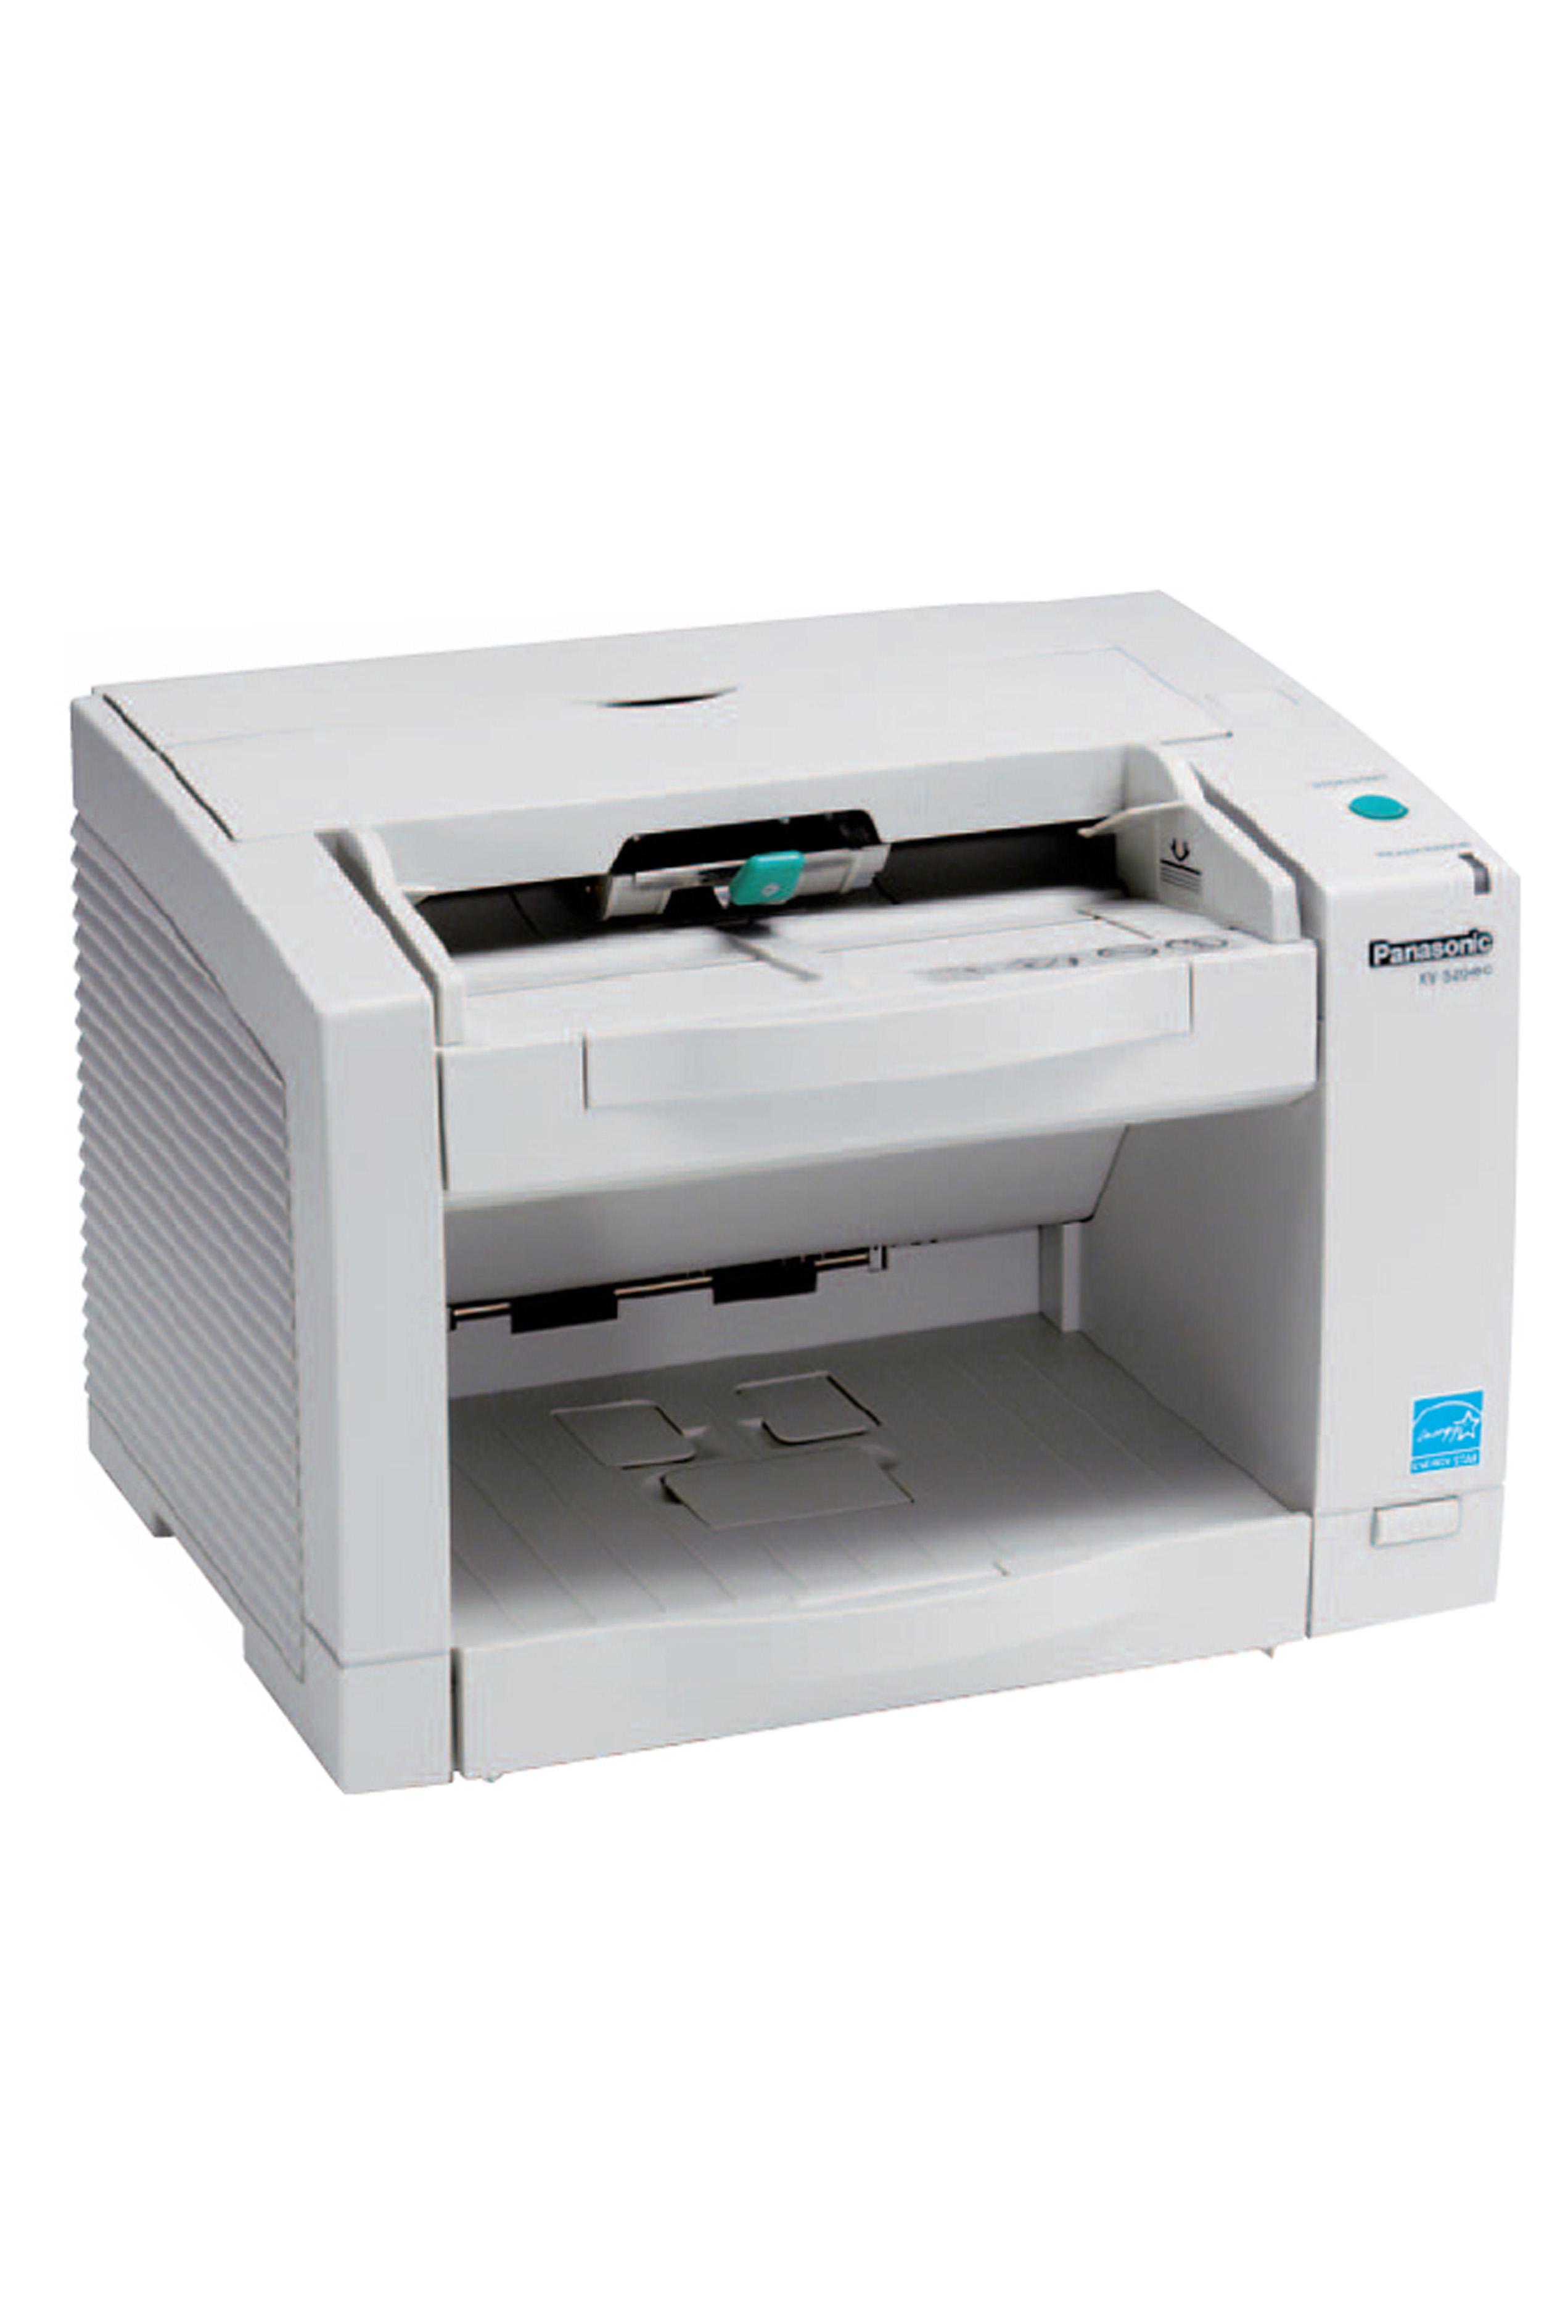 Panasonic KV-S2048C Departmental Color Scanner (19ppm/43ppm)